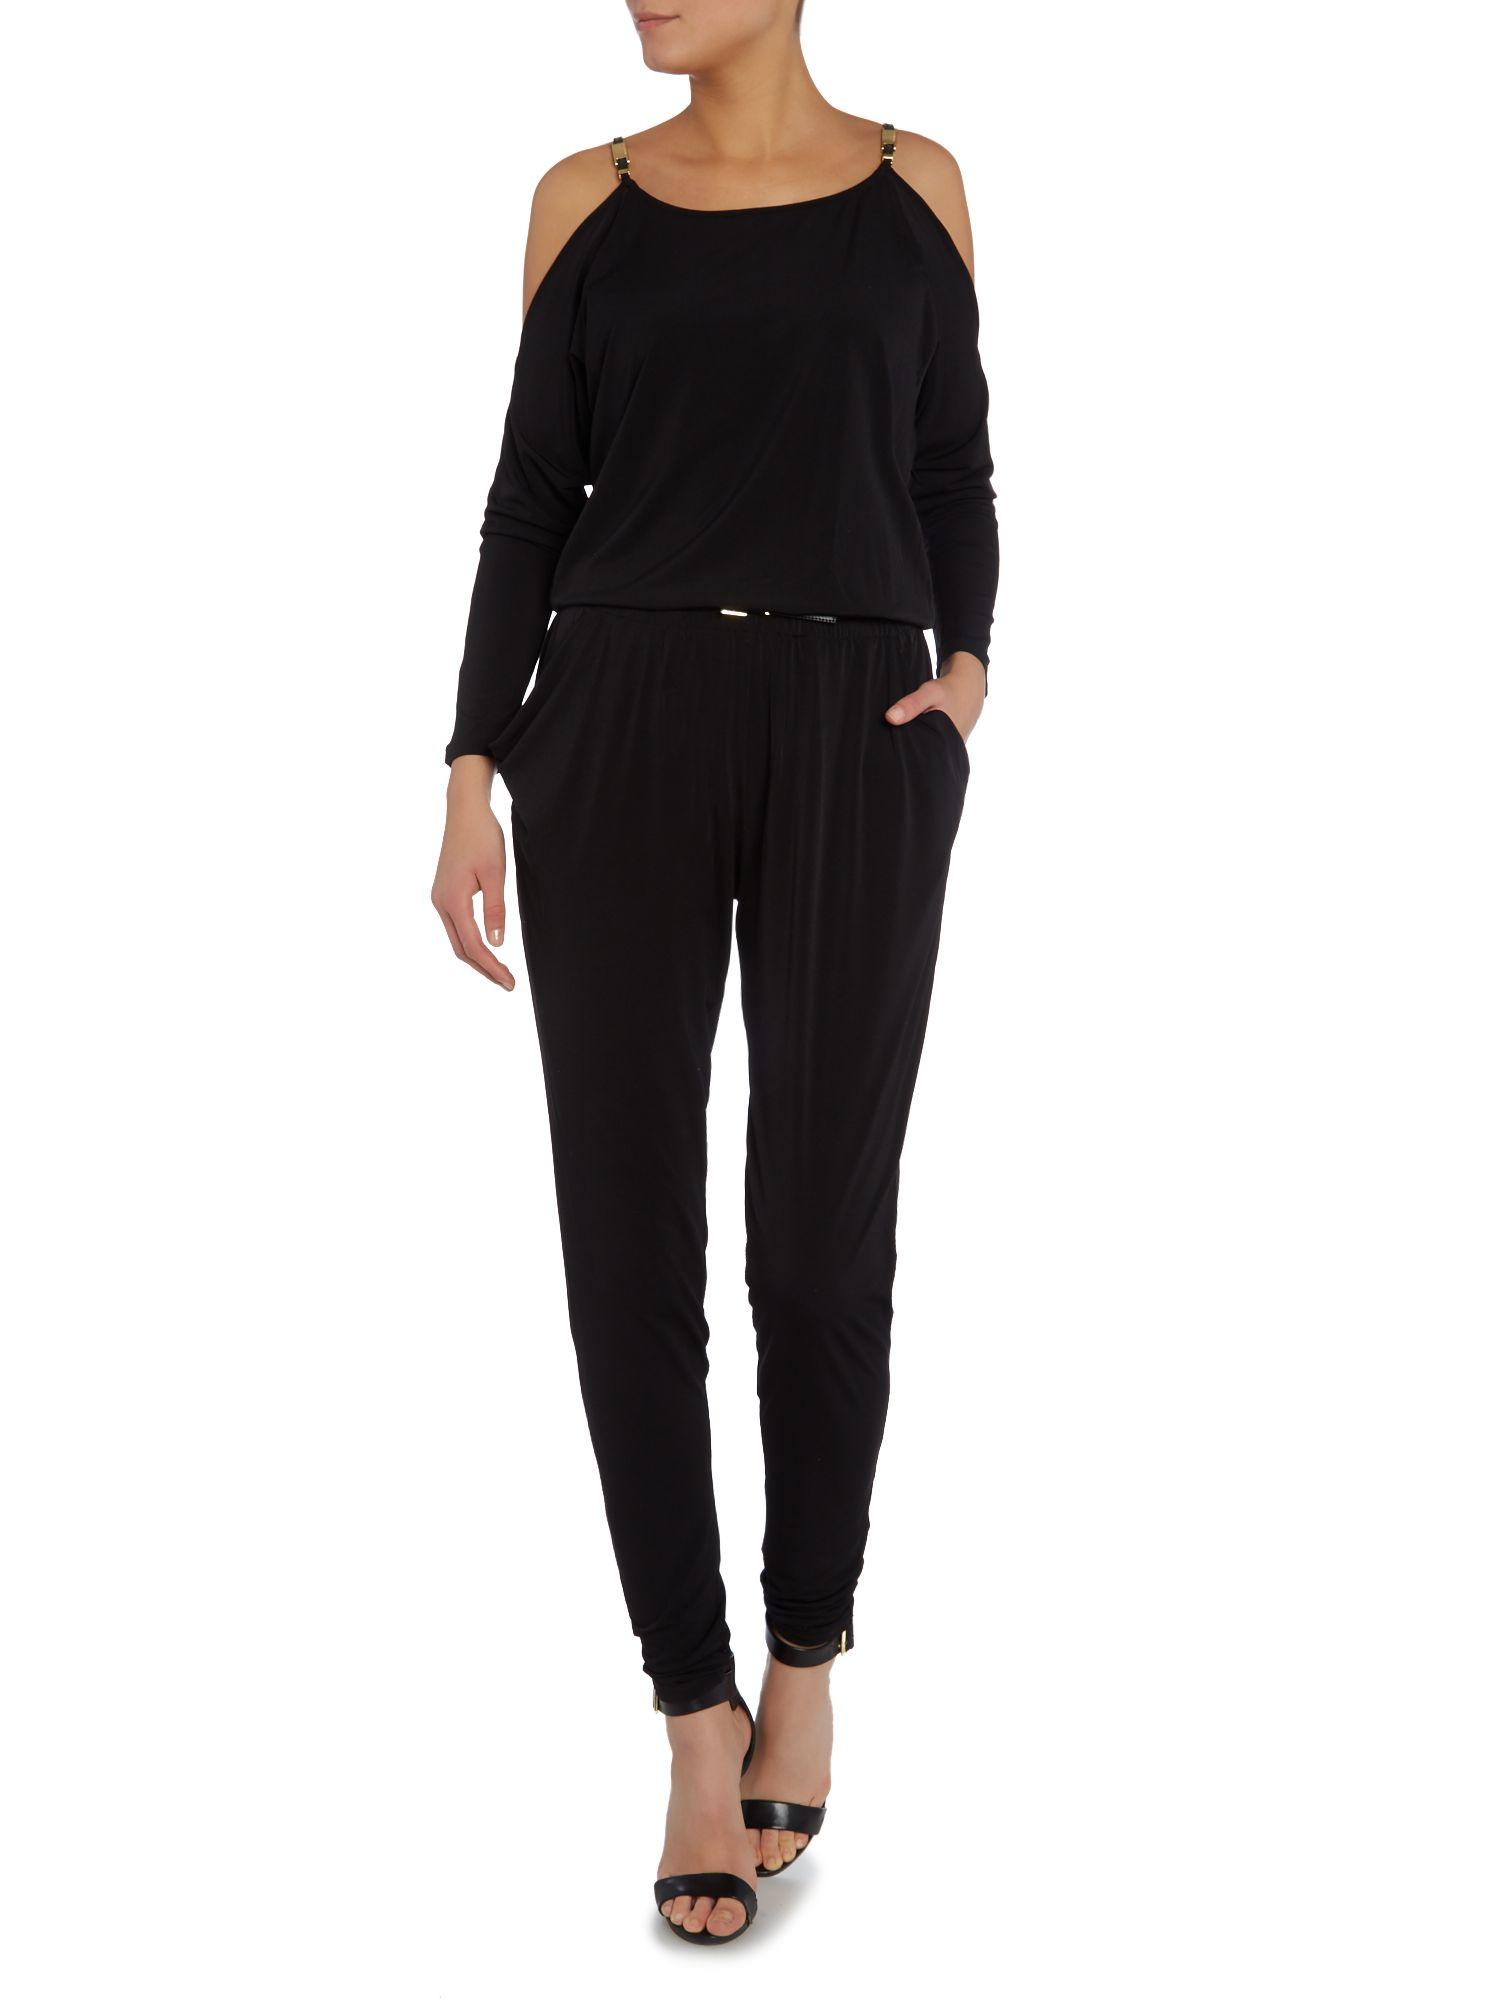 michael kors long sleeve cold shoulder jumpsuit in black lyst. Black Bedroom Furniture Sets. Home Design Ideas